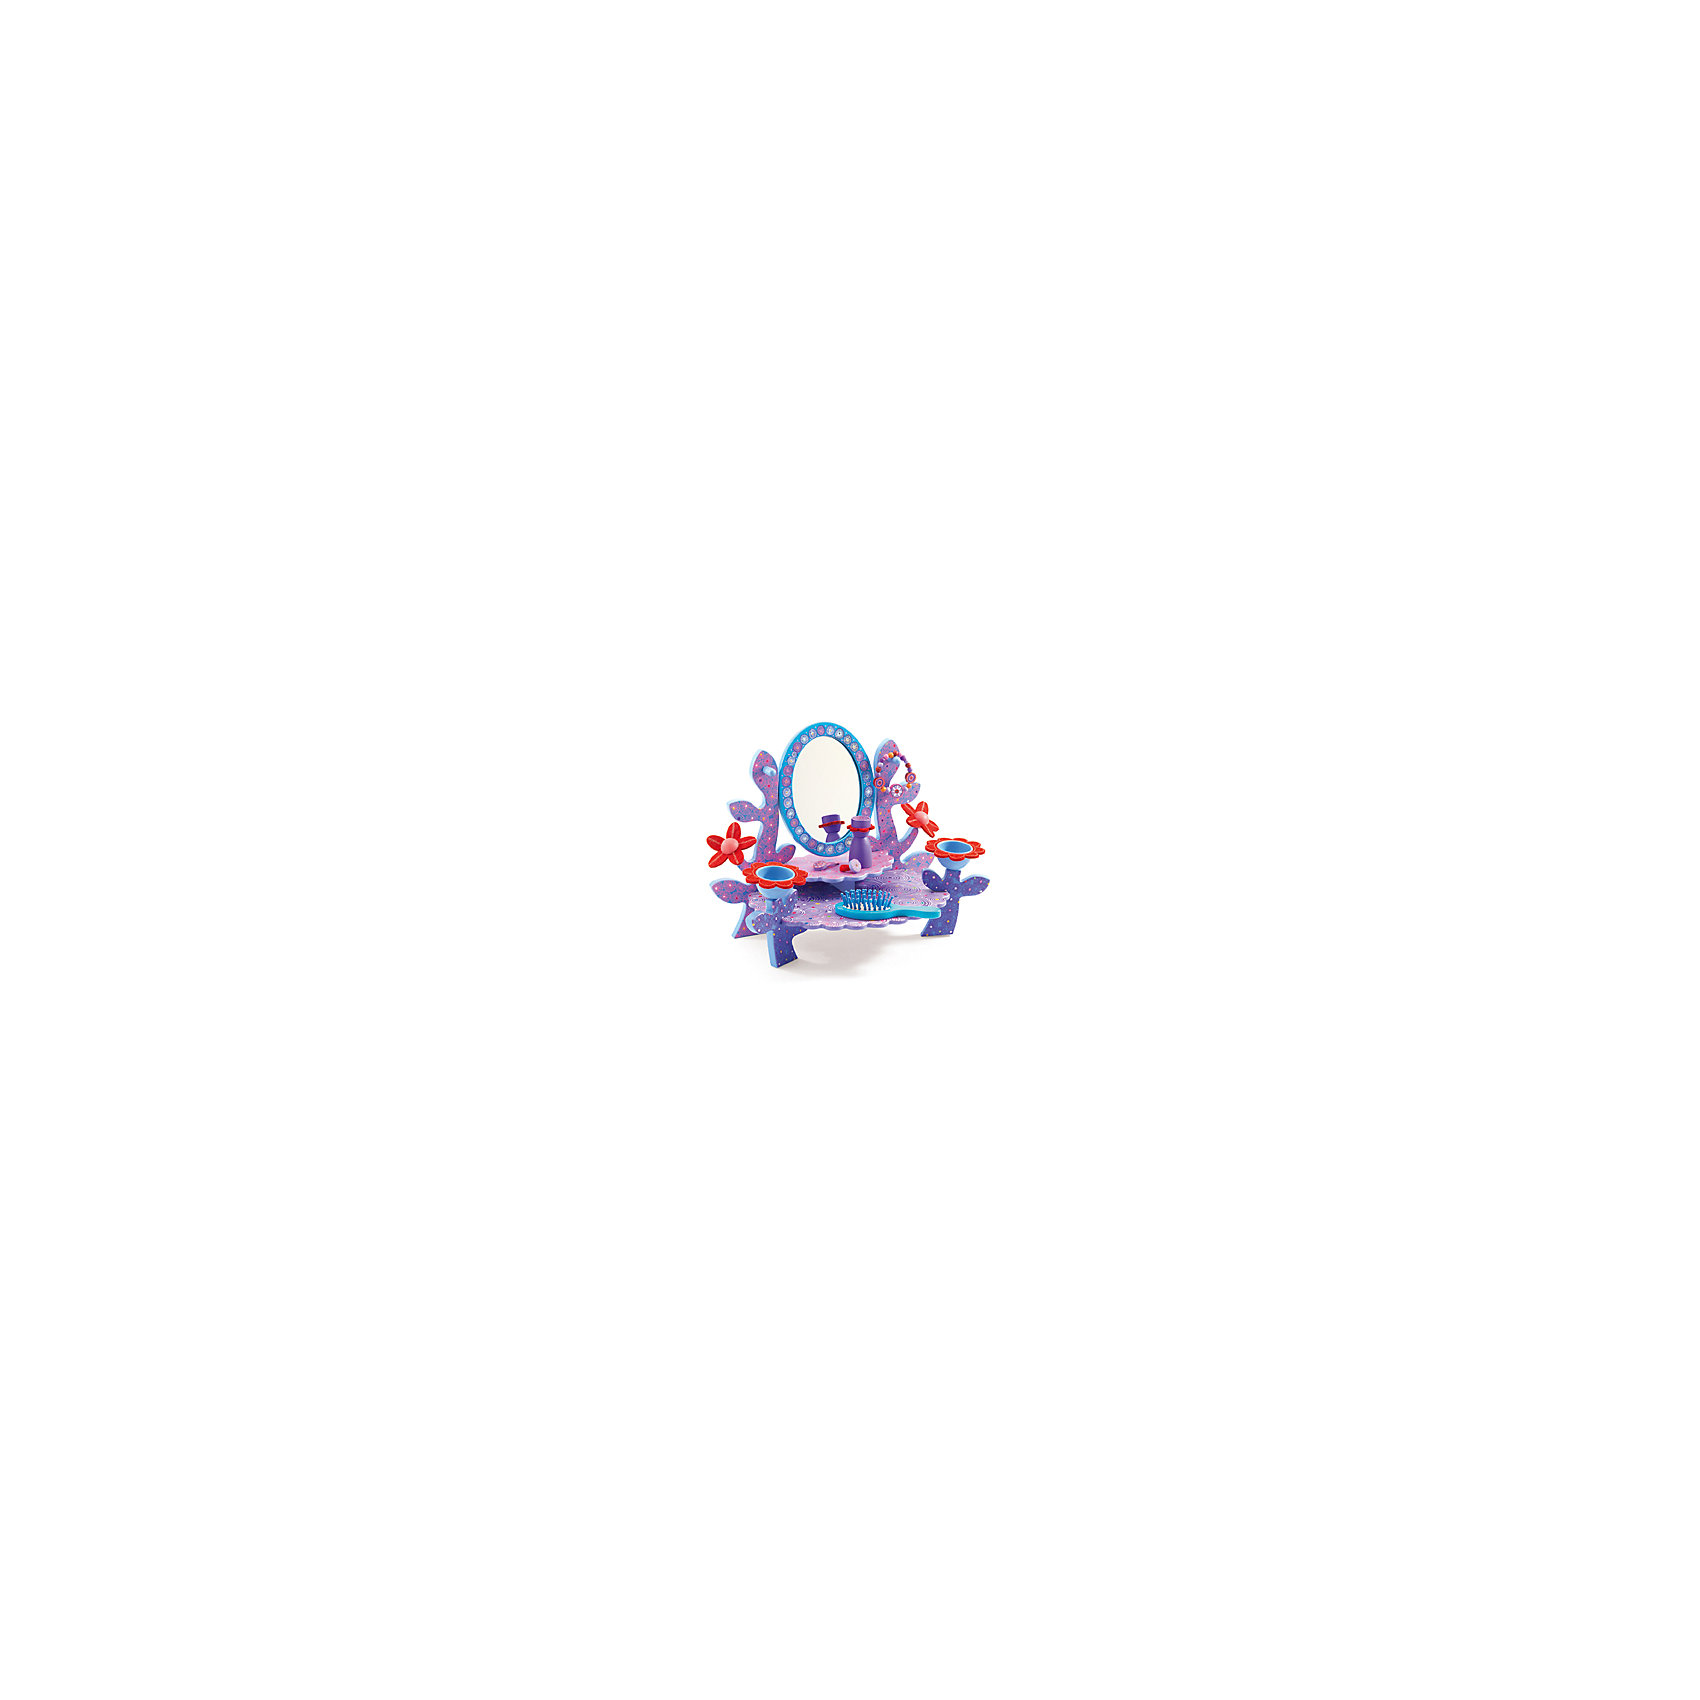 Набор Туалетный столик, DJECOНабор Туалетный столик, Djeco (Джеко) - красивый стильный подарок, который по достоинству будет оценен маленькой модницей. Чудесный столик выполнен в приятной сиреневой расцветке и имеет восхитительный дизайн со множеством изысканных деталей в растительном стиле. Здесь Вы найдете полочки, украшенные цветами, зеркальце в нарядной оправе, чашечки для мелочей в виде цветочных бутонов и удобные вешалки для бижутерии в форме листьев. Столик идеально подходит для сюжетно-ролевых игр в парикмахерскую или салон красоты, а входящие в комплект аксессуары помогут дополнить прическу или наряд любимой куколки.<br><br>Дополнительная информация:<br><br>- В комплекте: столик, расческа, заколка, колечко, браслет, игрушечный флакон для духов.<br>- Материал: дерево.<br>- Размер игрушки: 34,5 х 26 х 18 см.<br>- Размер упаковки: 35 х 30 х 8 см.<br>- Вес: 0,4 кг.<br><br>Набор Туалетный столик, Djeco (Джеко), можно купить в нашем интернет-магазине.<br><br>Ширина мм: 300<br>Глубина мм: 280<br>Высота мм: 10<br>Вес г: 1500<br>Возраст от месяцев: 48<br>Возраст до месяцев: 96<br>Пол: Унисекс<br>Возраст: Детский<br>SKU: 4215028